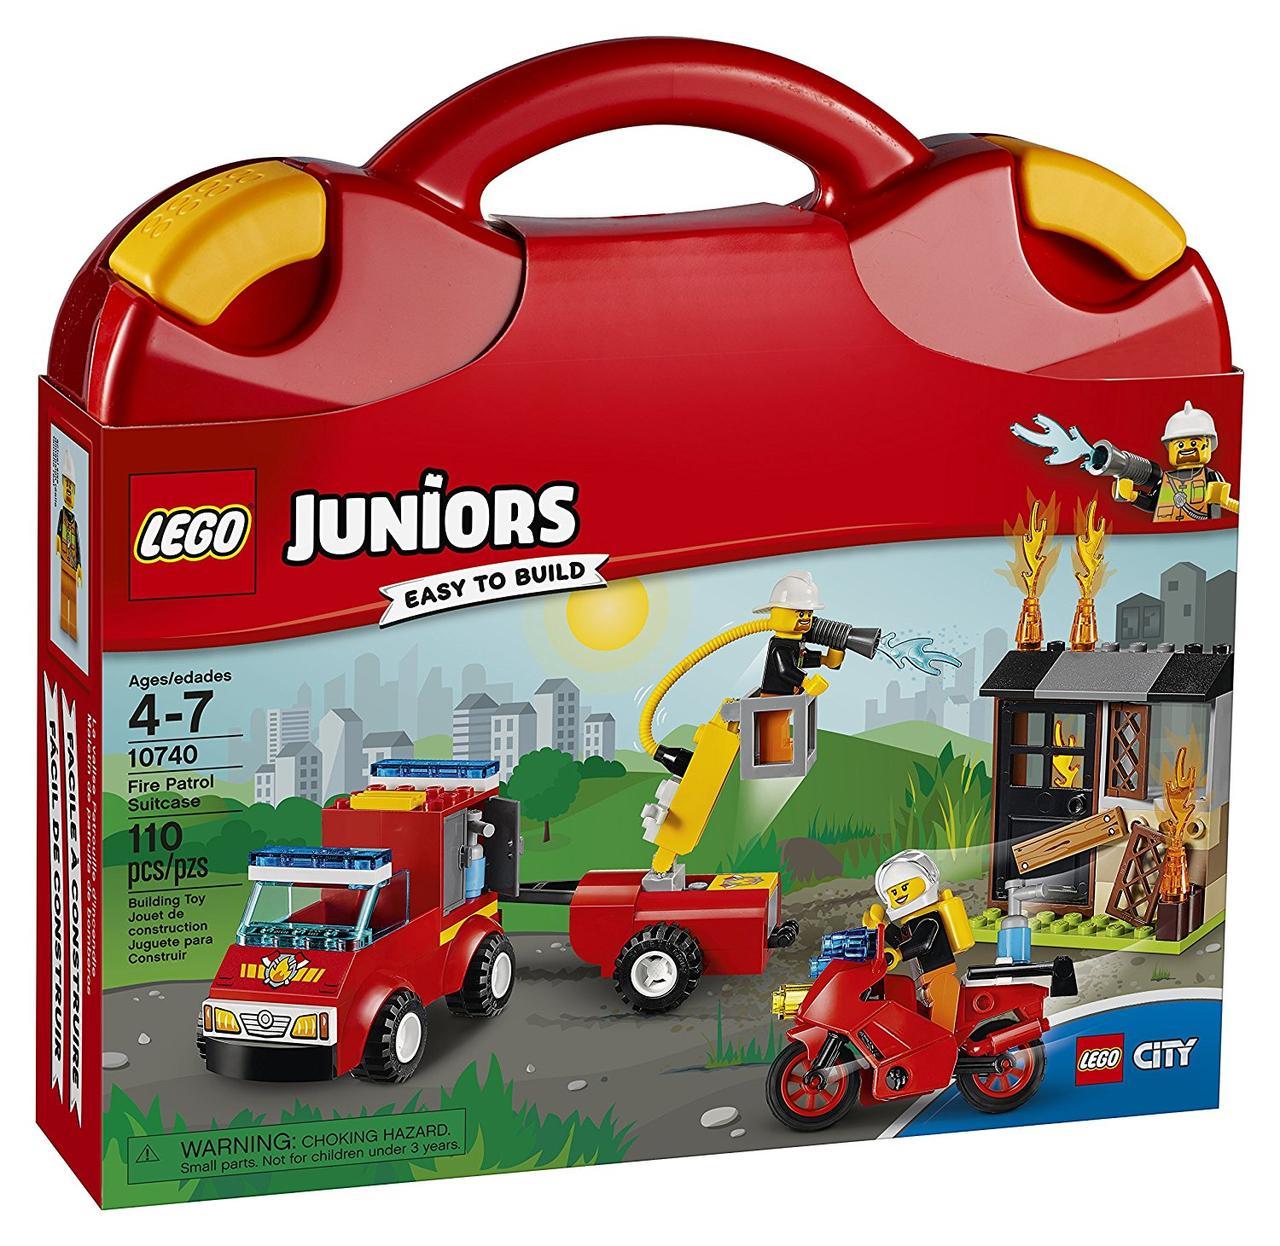 Конструктор Lego Juniors Чемоданчик Пожарная команда 10740 Fire Patrol Suitcase Building Set